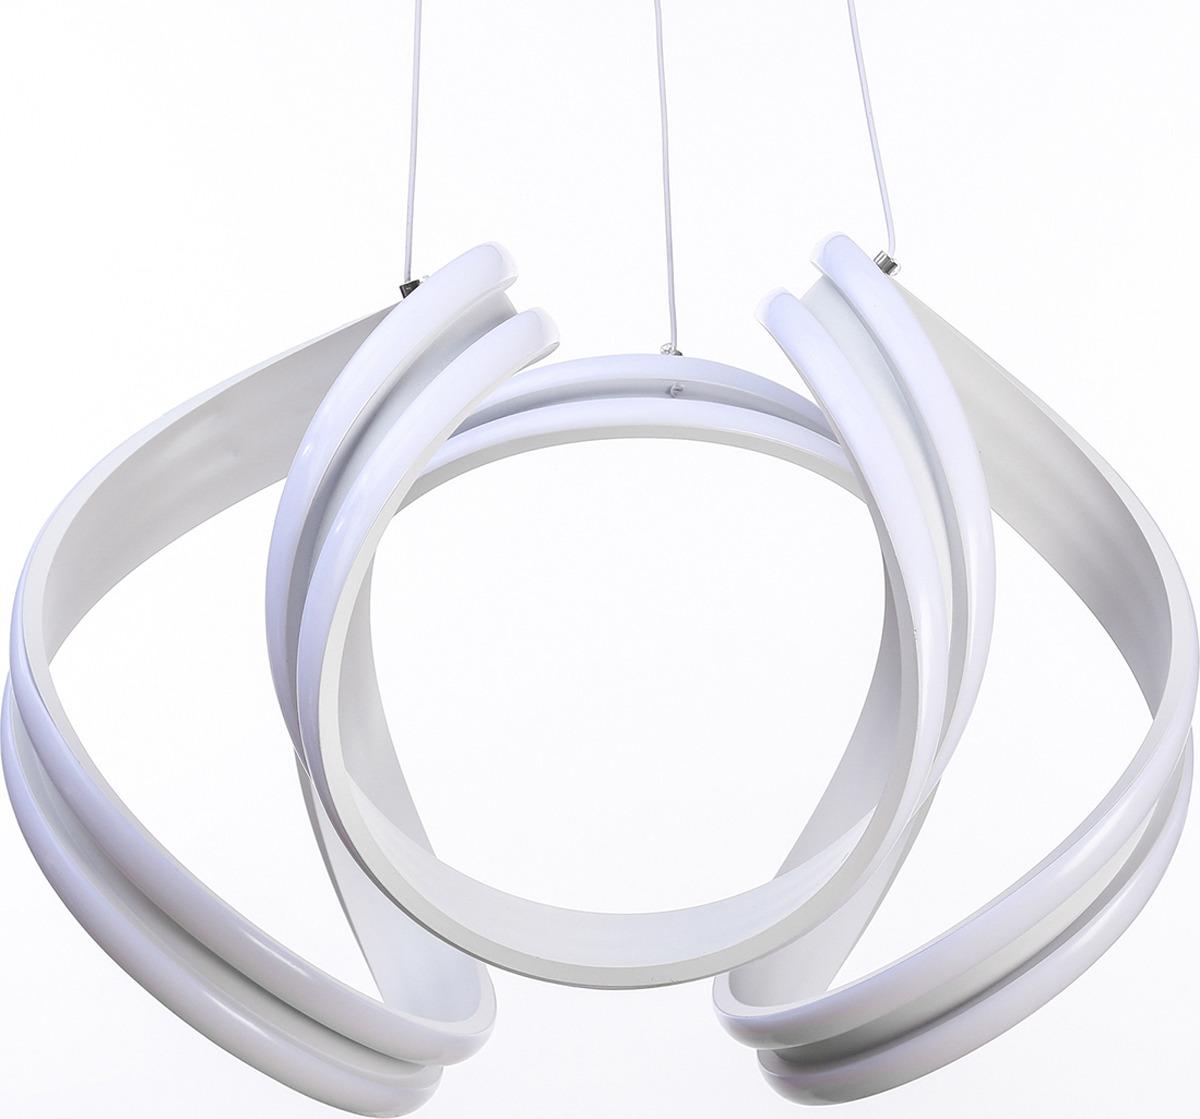 Люстра BayerLux Кудри, LED, 100W, 3940810, 44 х 44 х 33 см